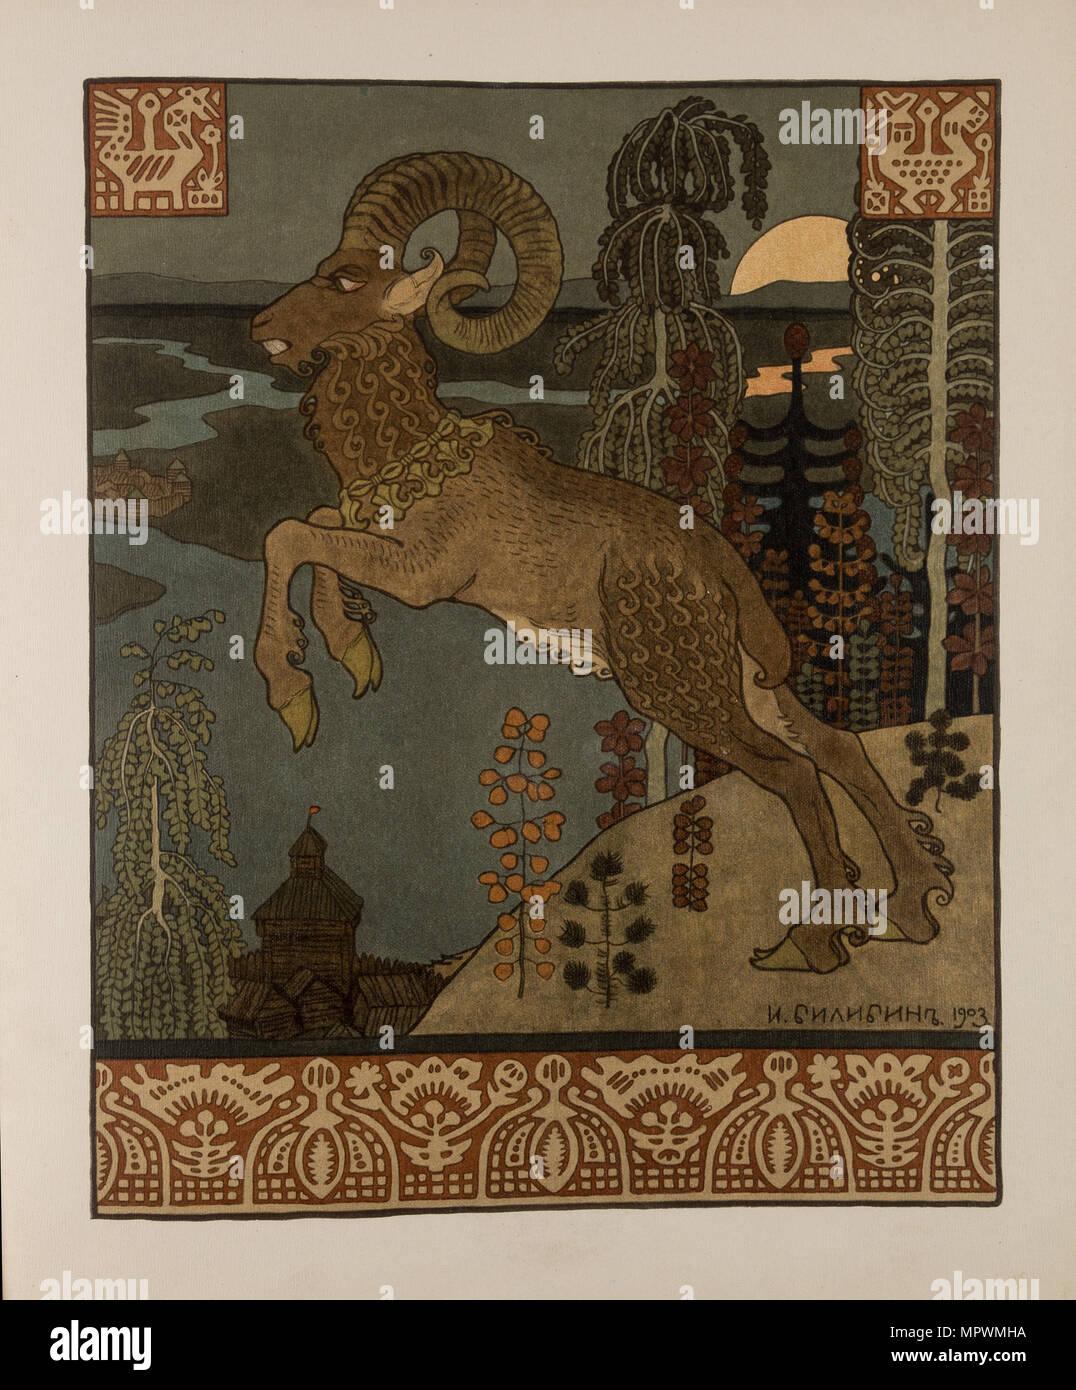 Illustrazione per la vecchia leggenda russa Volga, 1901-1904. Immagini Stock